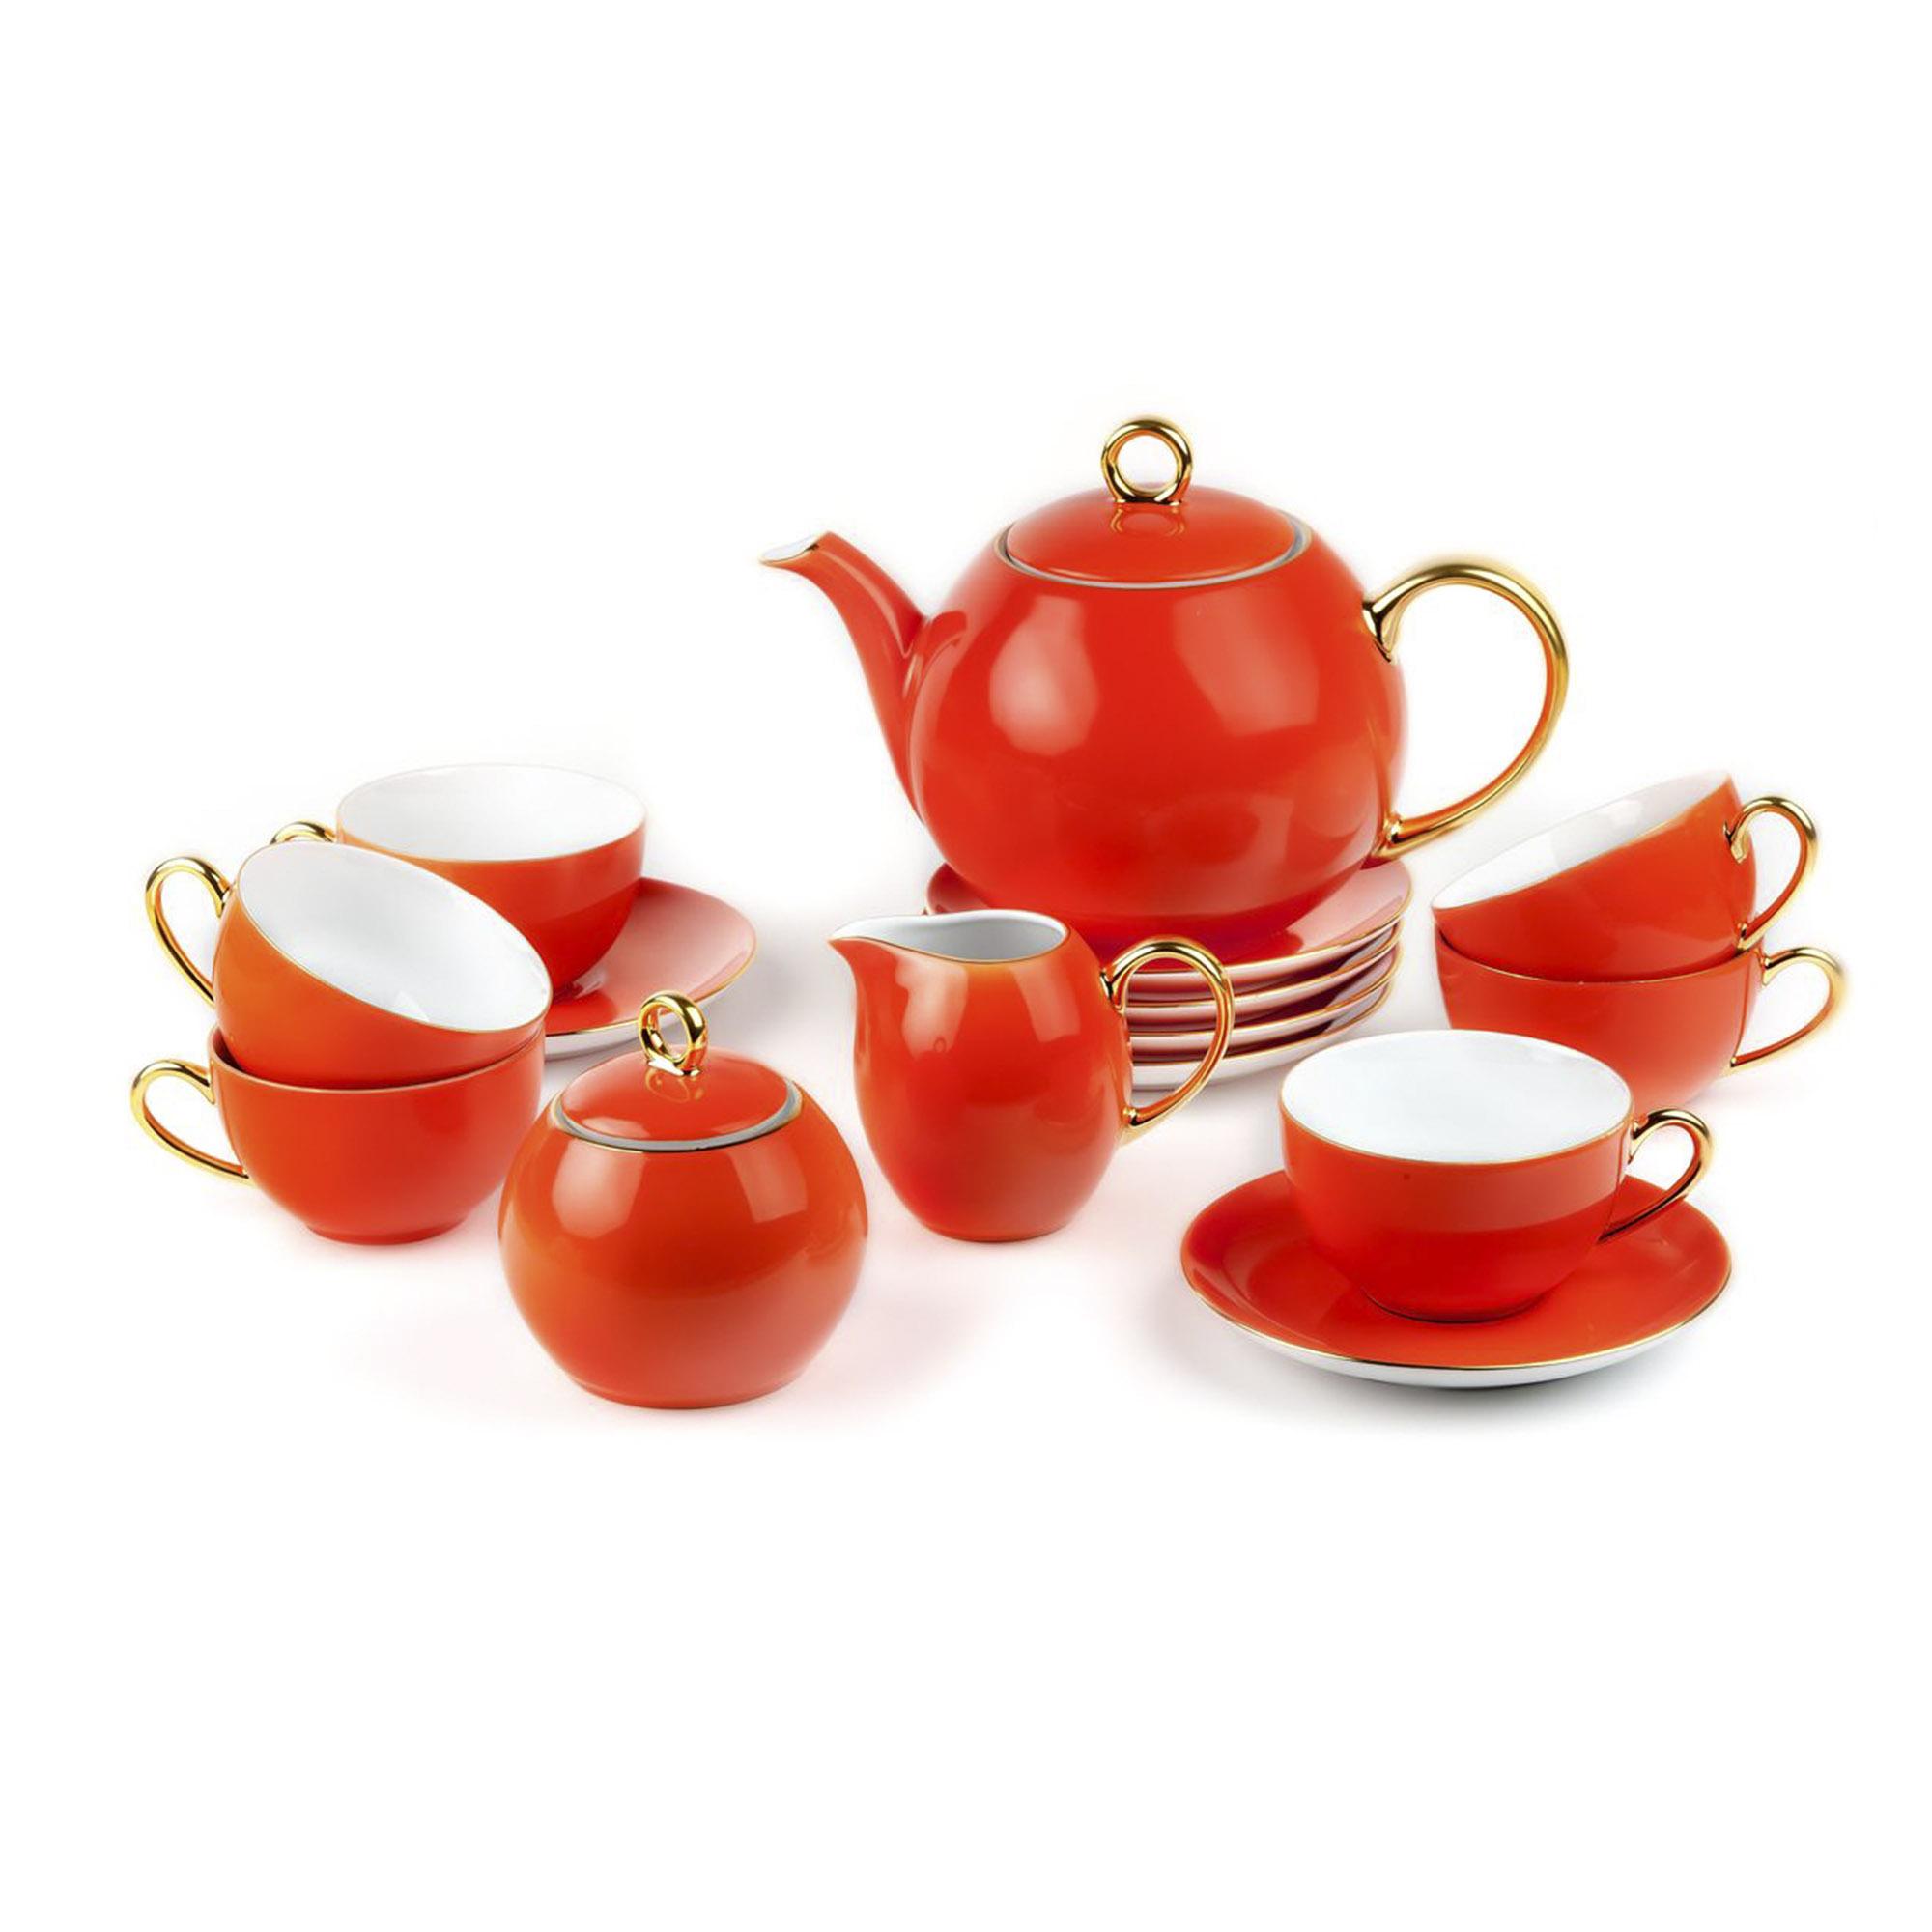 Сервиз чайный Yves De La Rosiere Monalisa 15 предметов 3127 сервиз столовый la rose des sables 6 персон 25 предметов princier platine